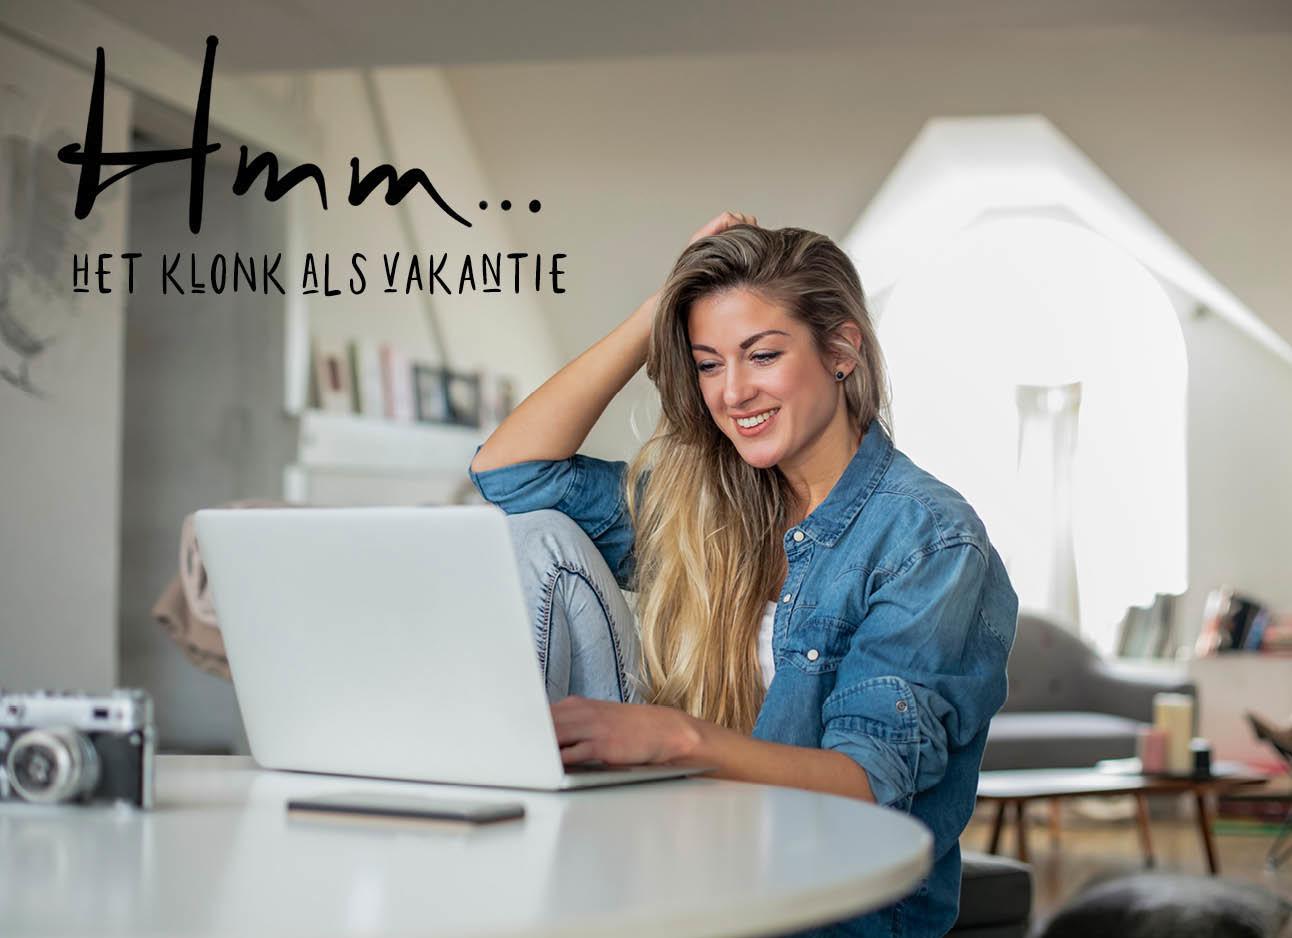 vrouw kijkend naar haar laptop